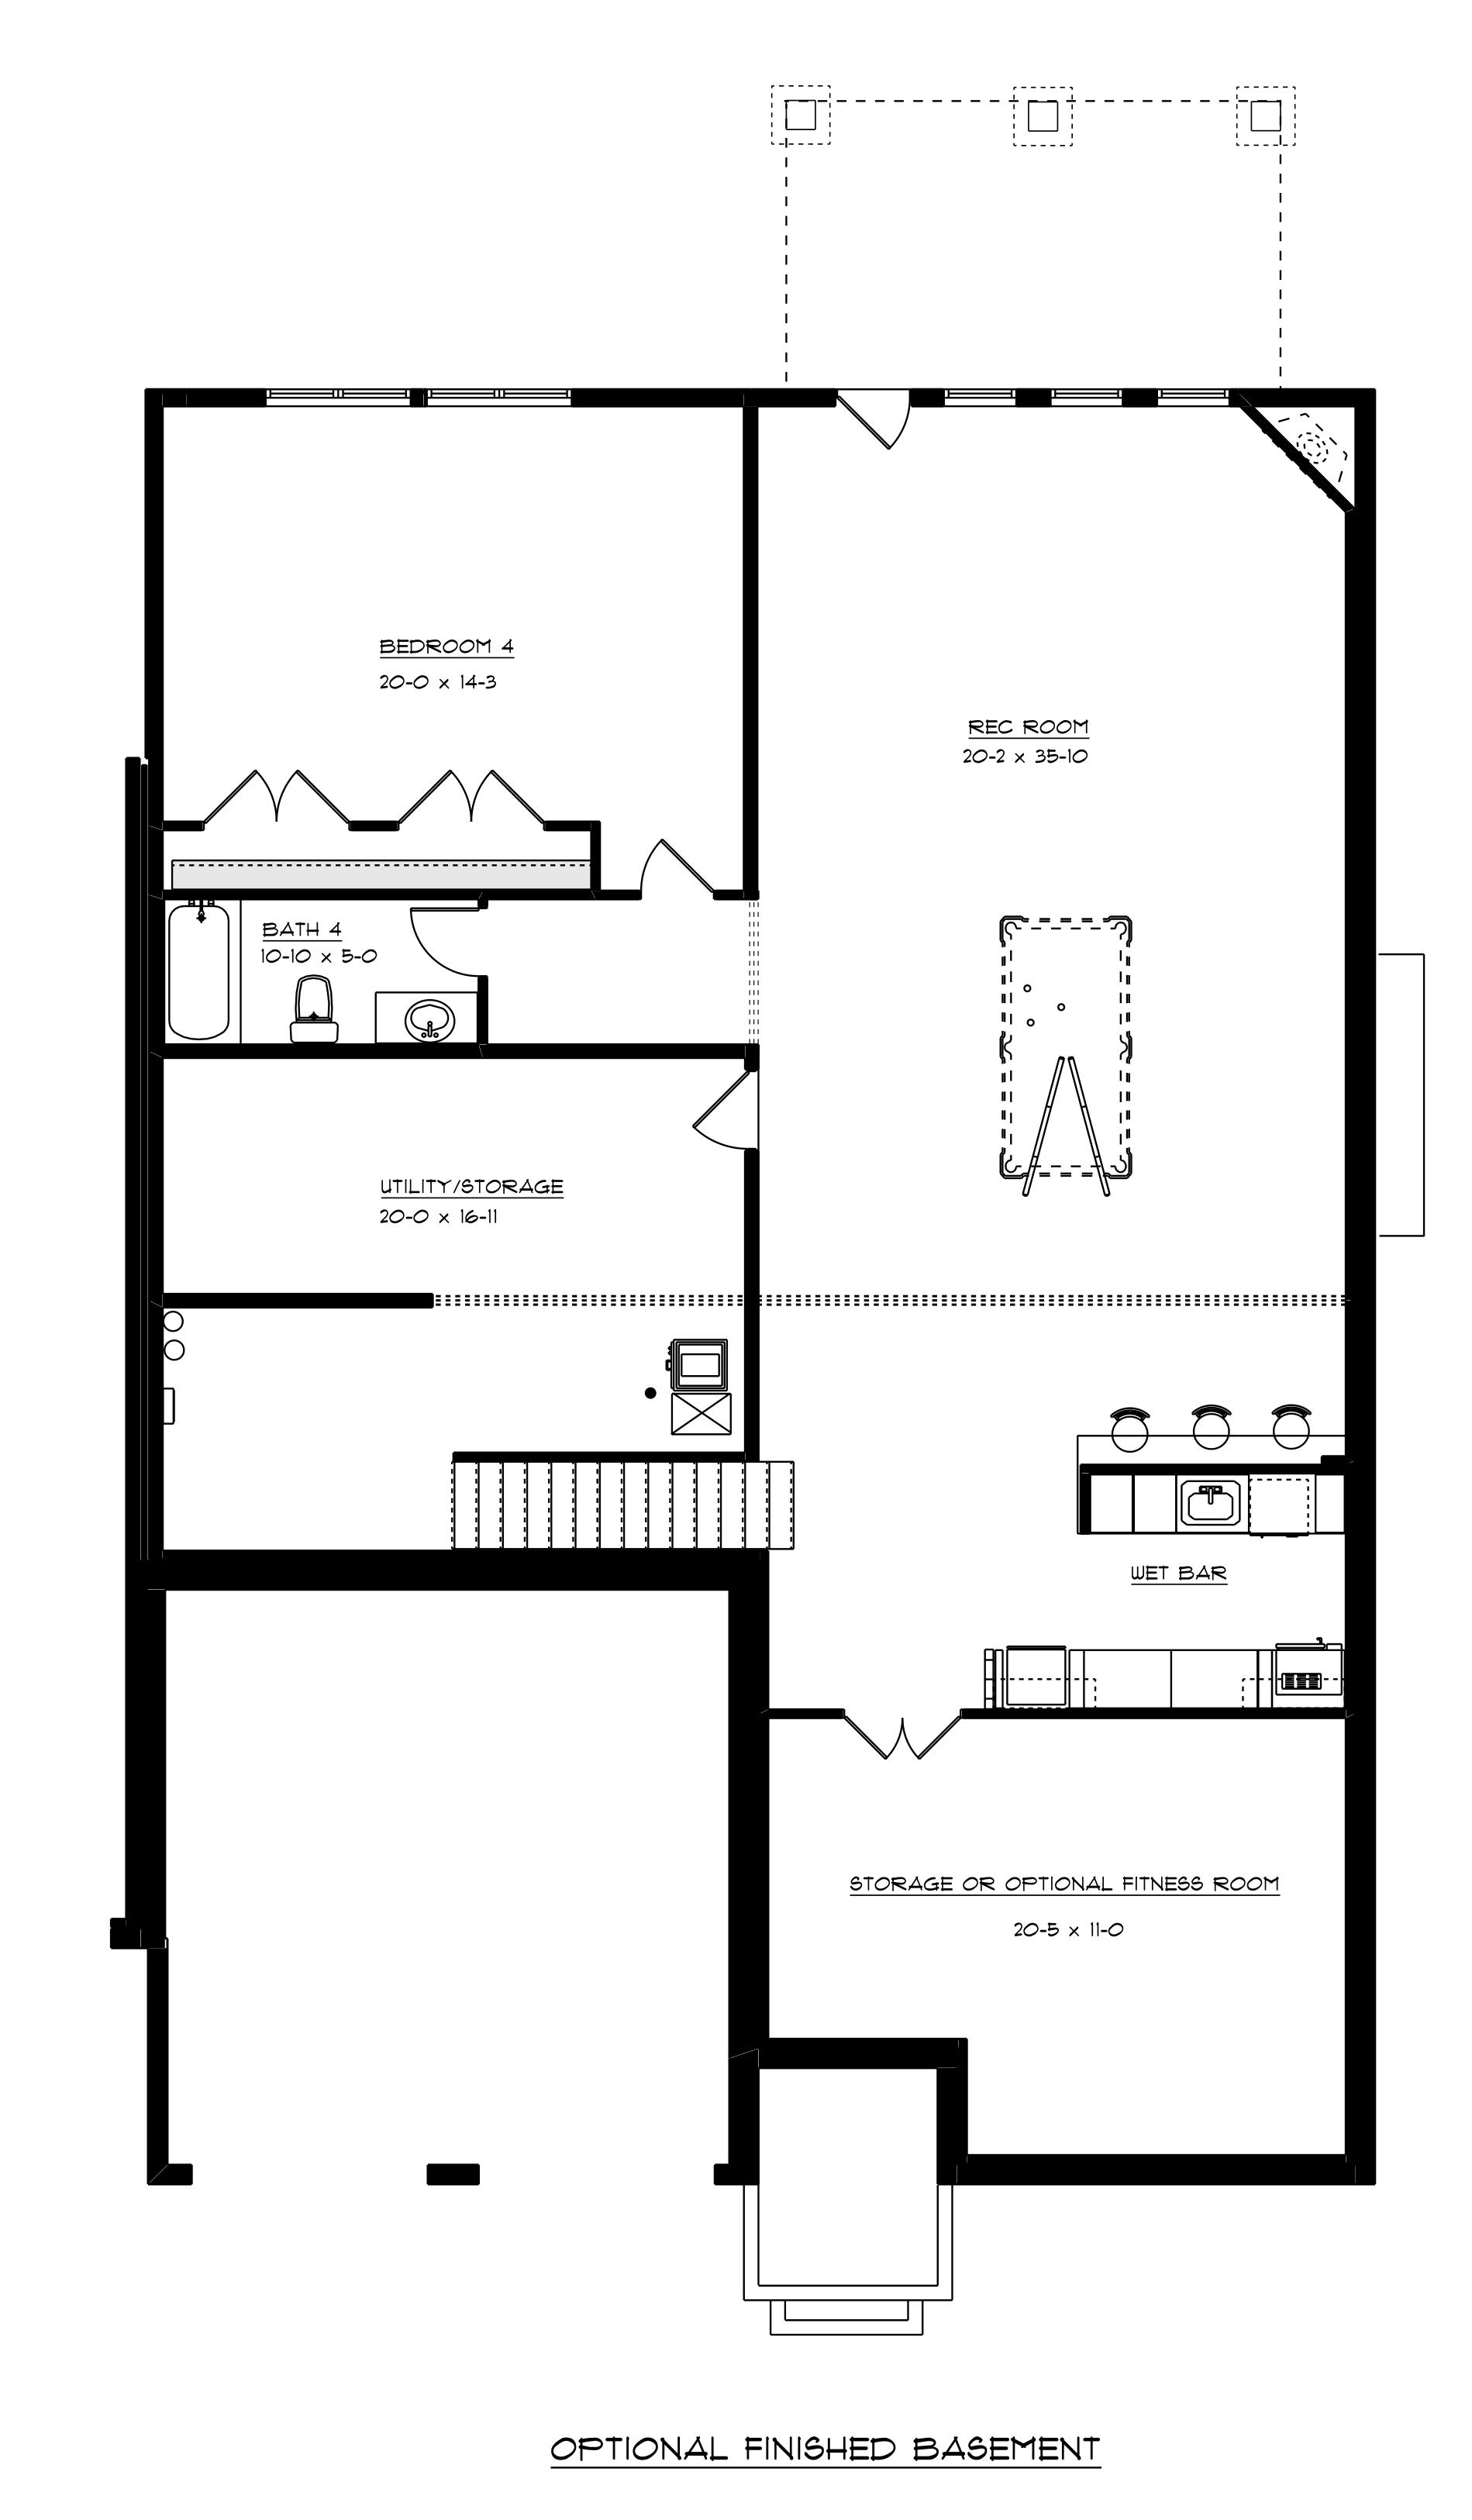 Greenside finished basement plan